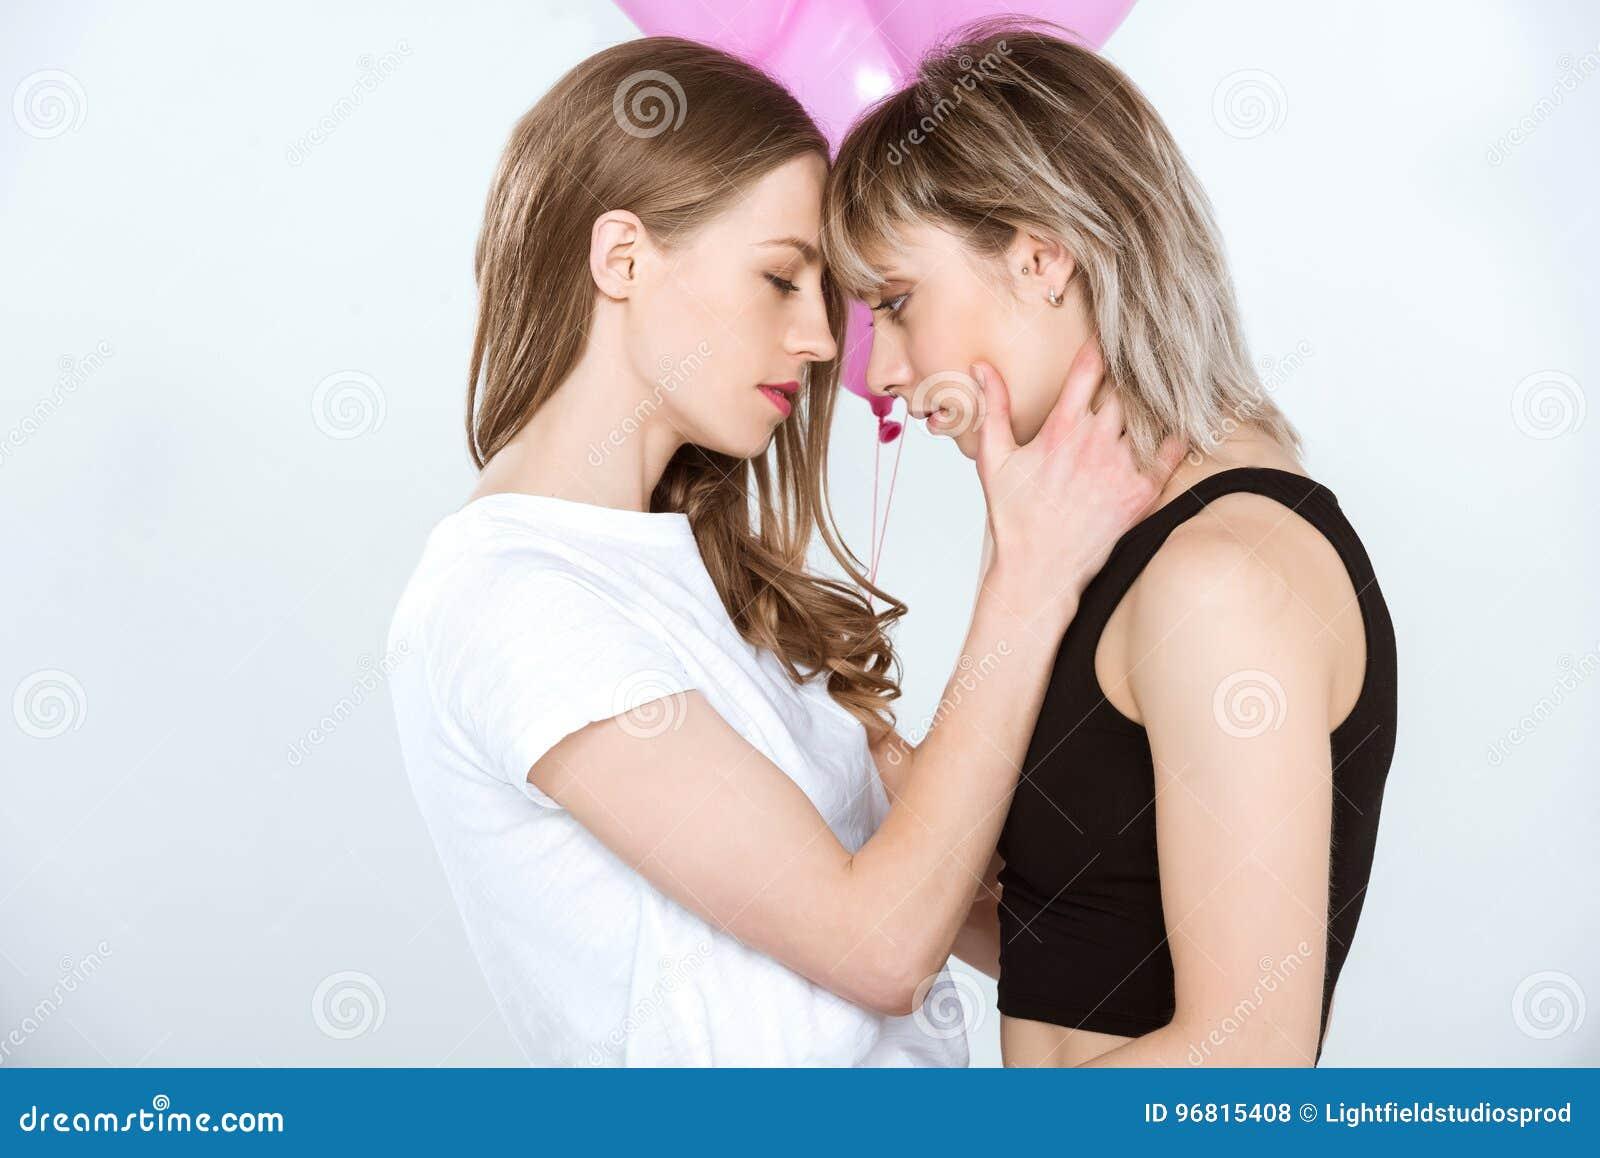 lesbica secentro massaggi con sesso